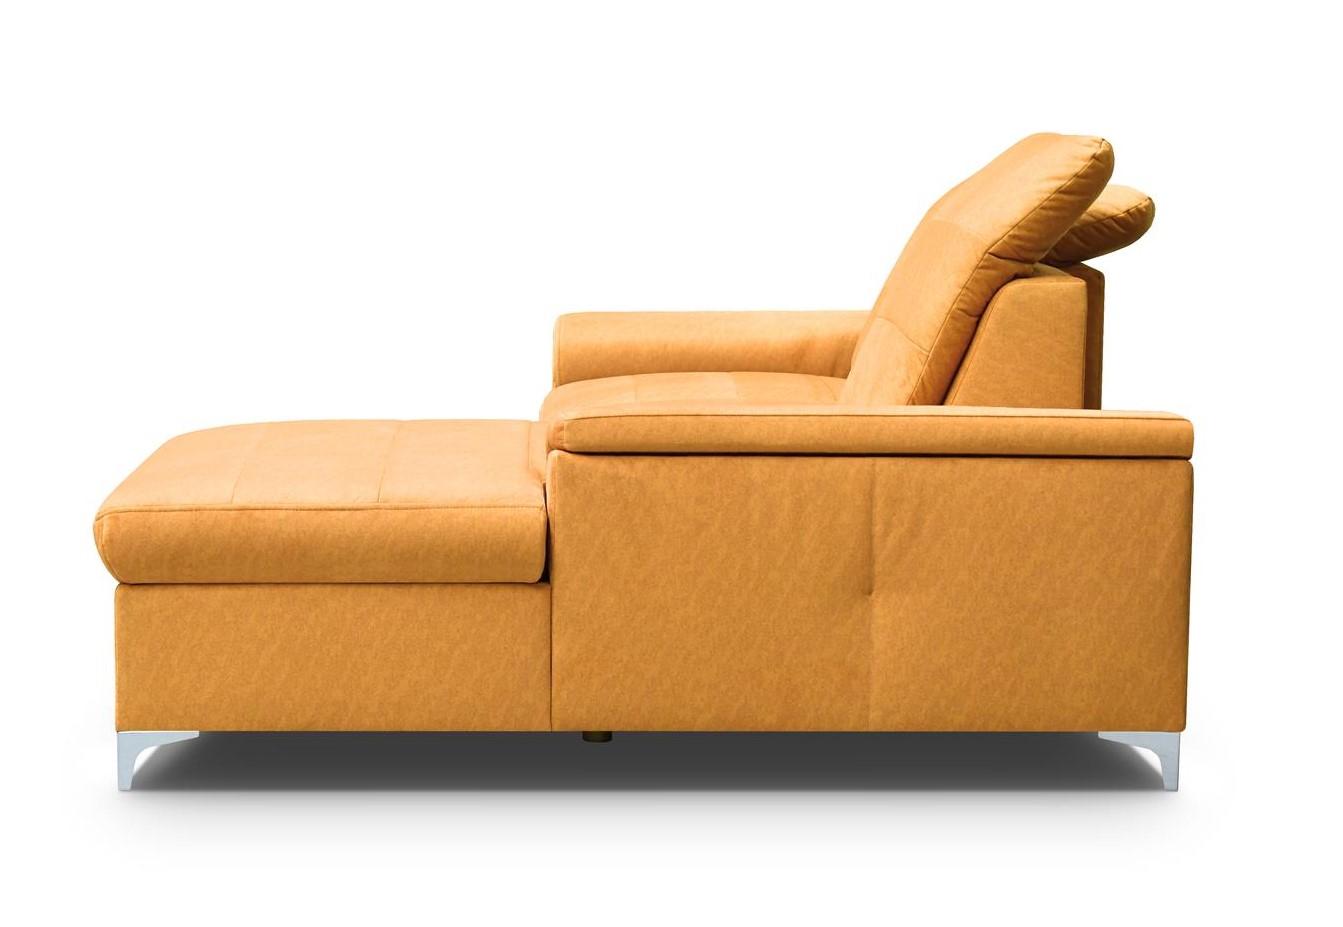 Ecke Bergamo Mini in einem modernen Stil. Möbelbreite 254 cm